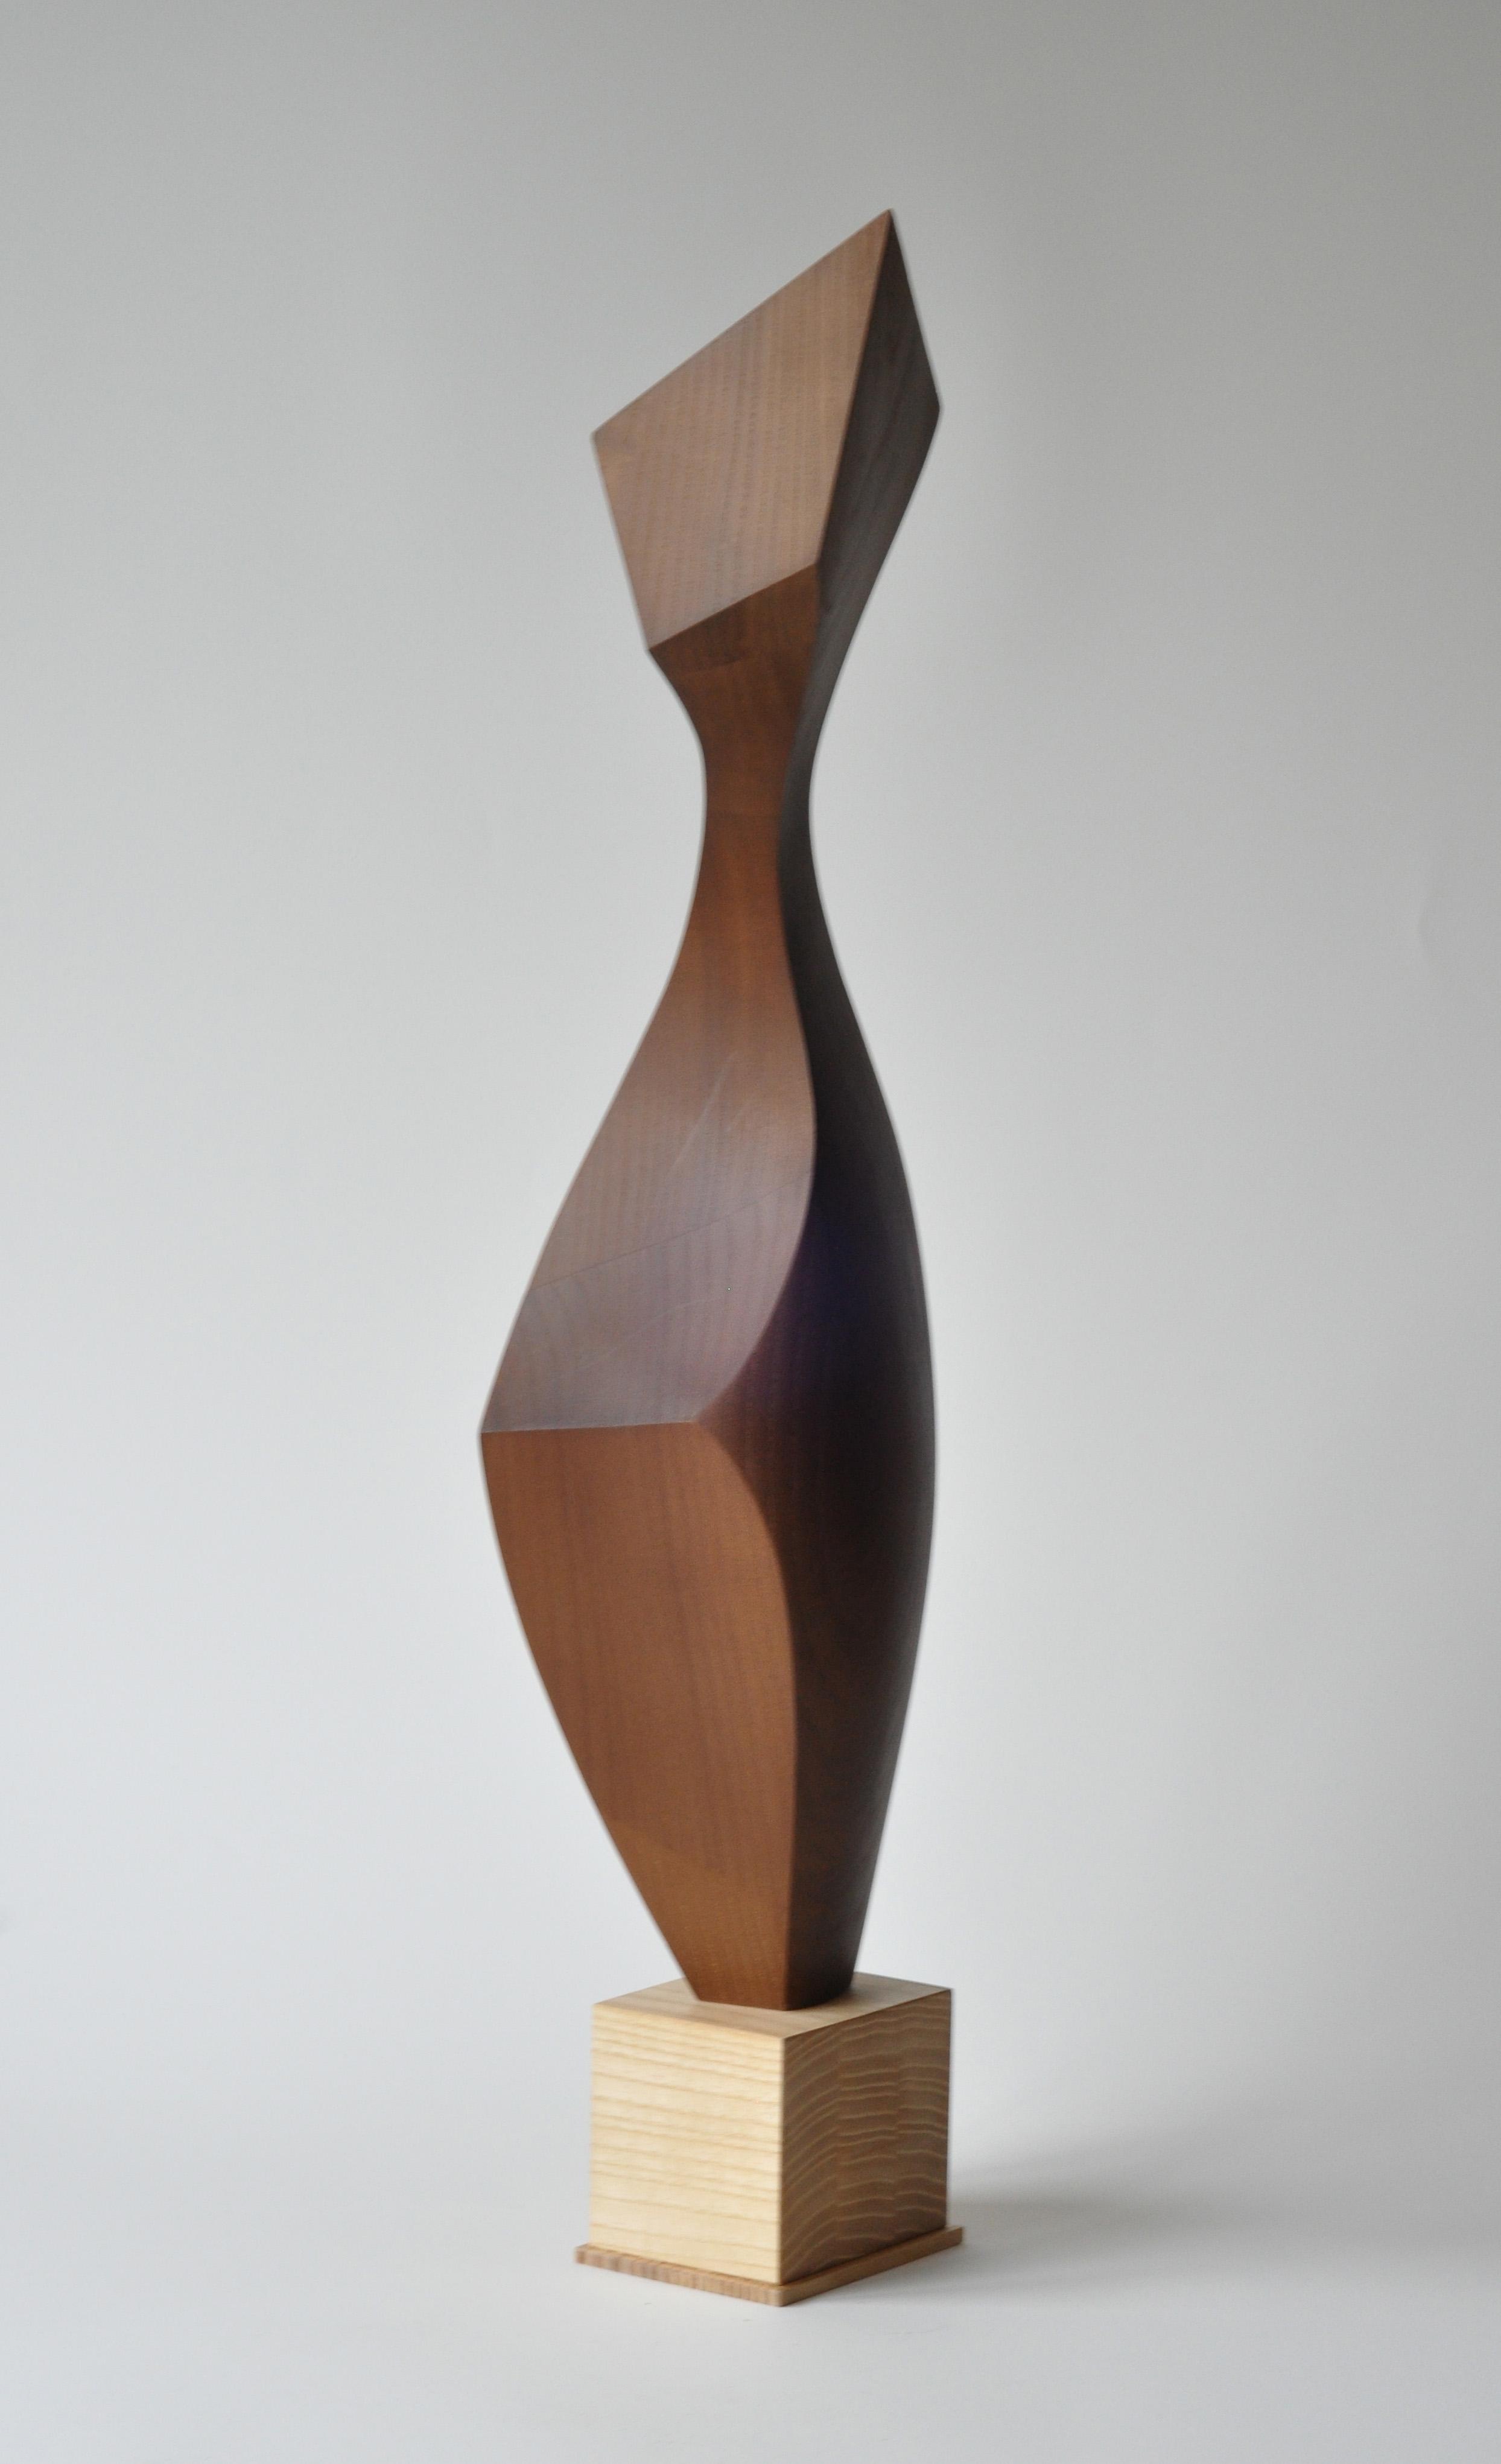 Назар Симотюк. Спроба руху, 2016; дерево, 66,5 x 18 x 17 см